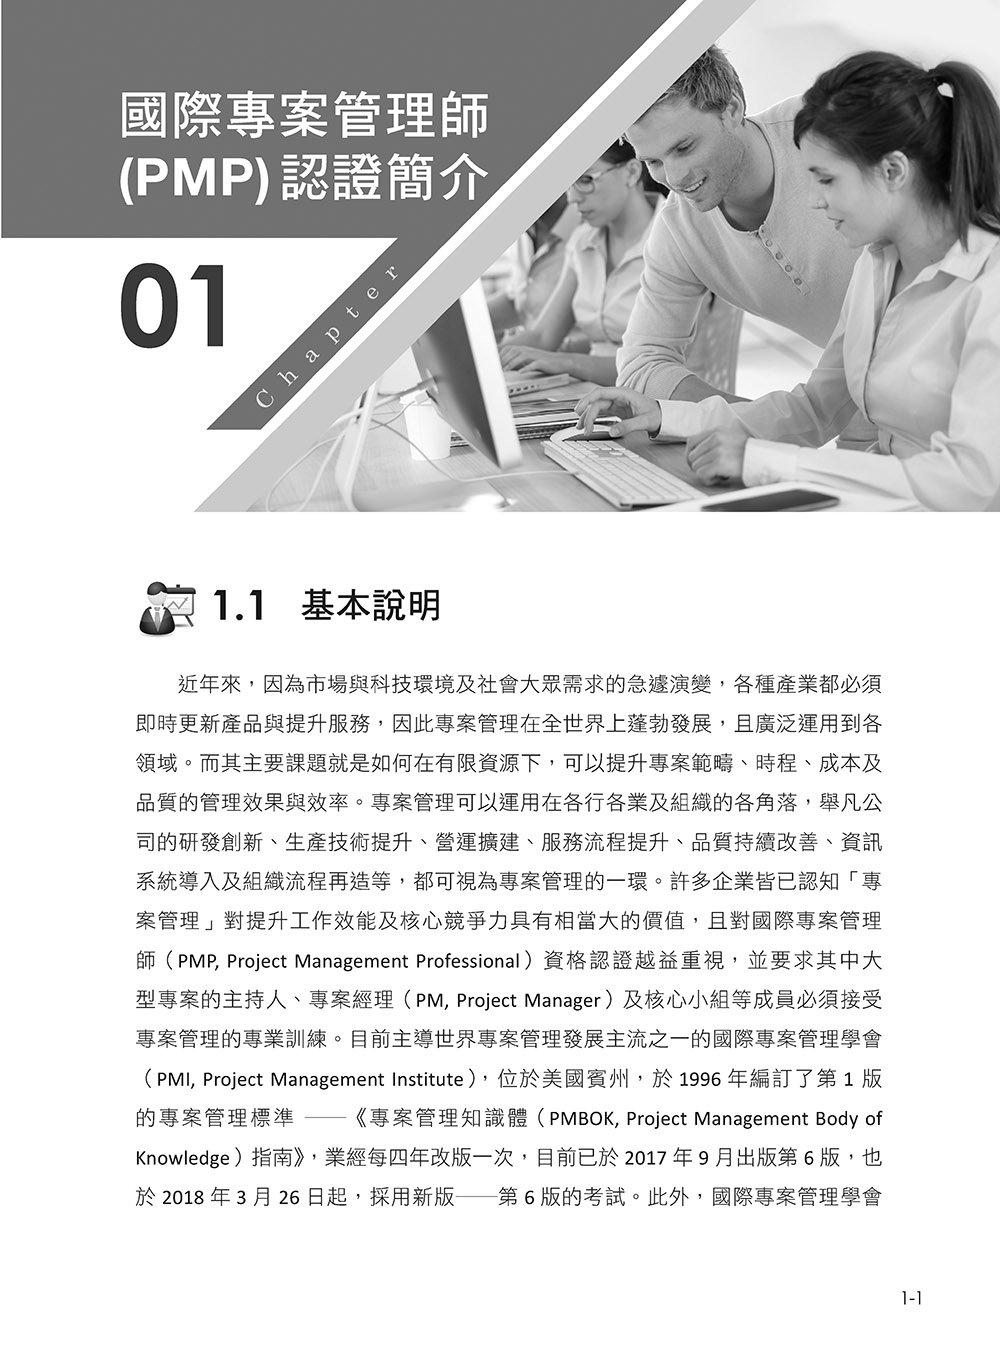 專案管理輕鬆學:PMP 國際專案管理師教戰寶典-preview-2